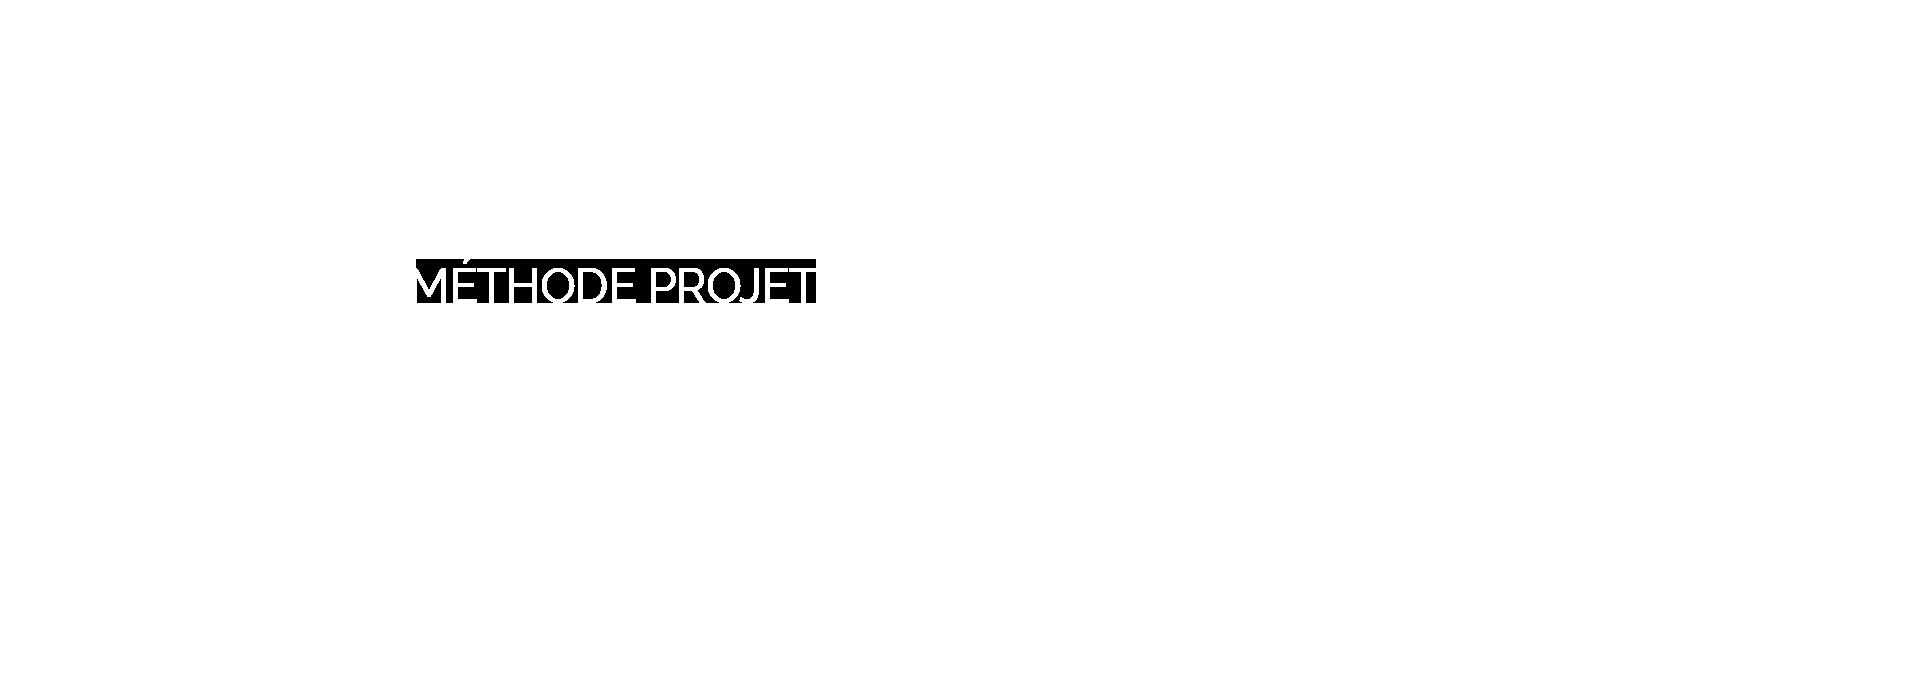 ISCA - méthode projet pour le développement informatique